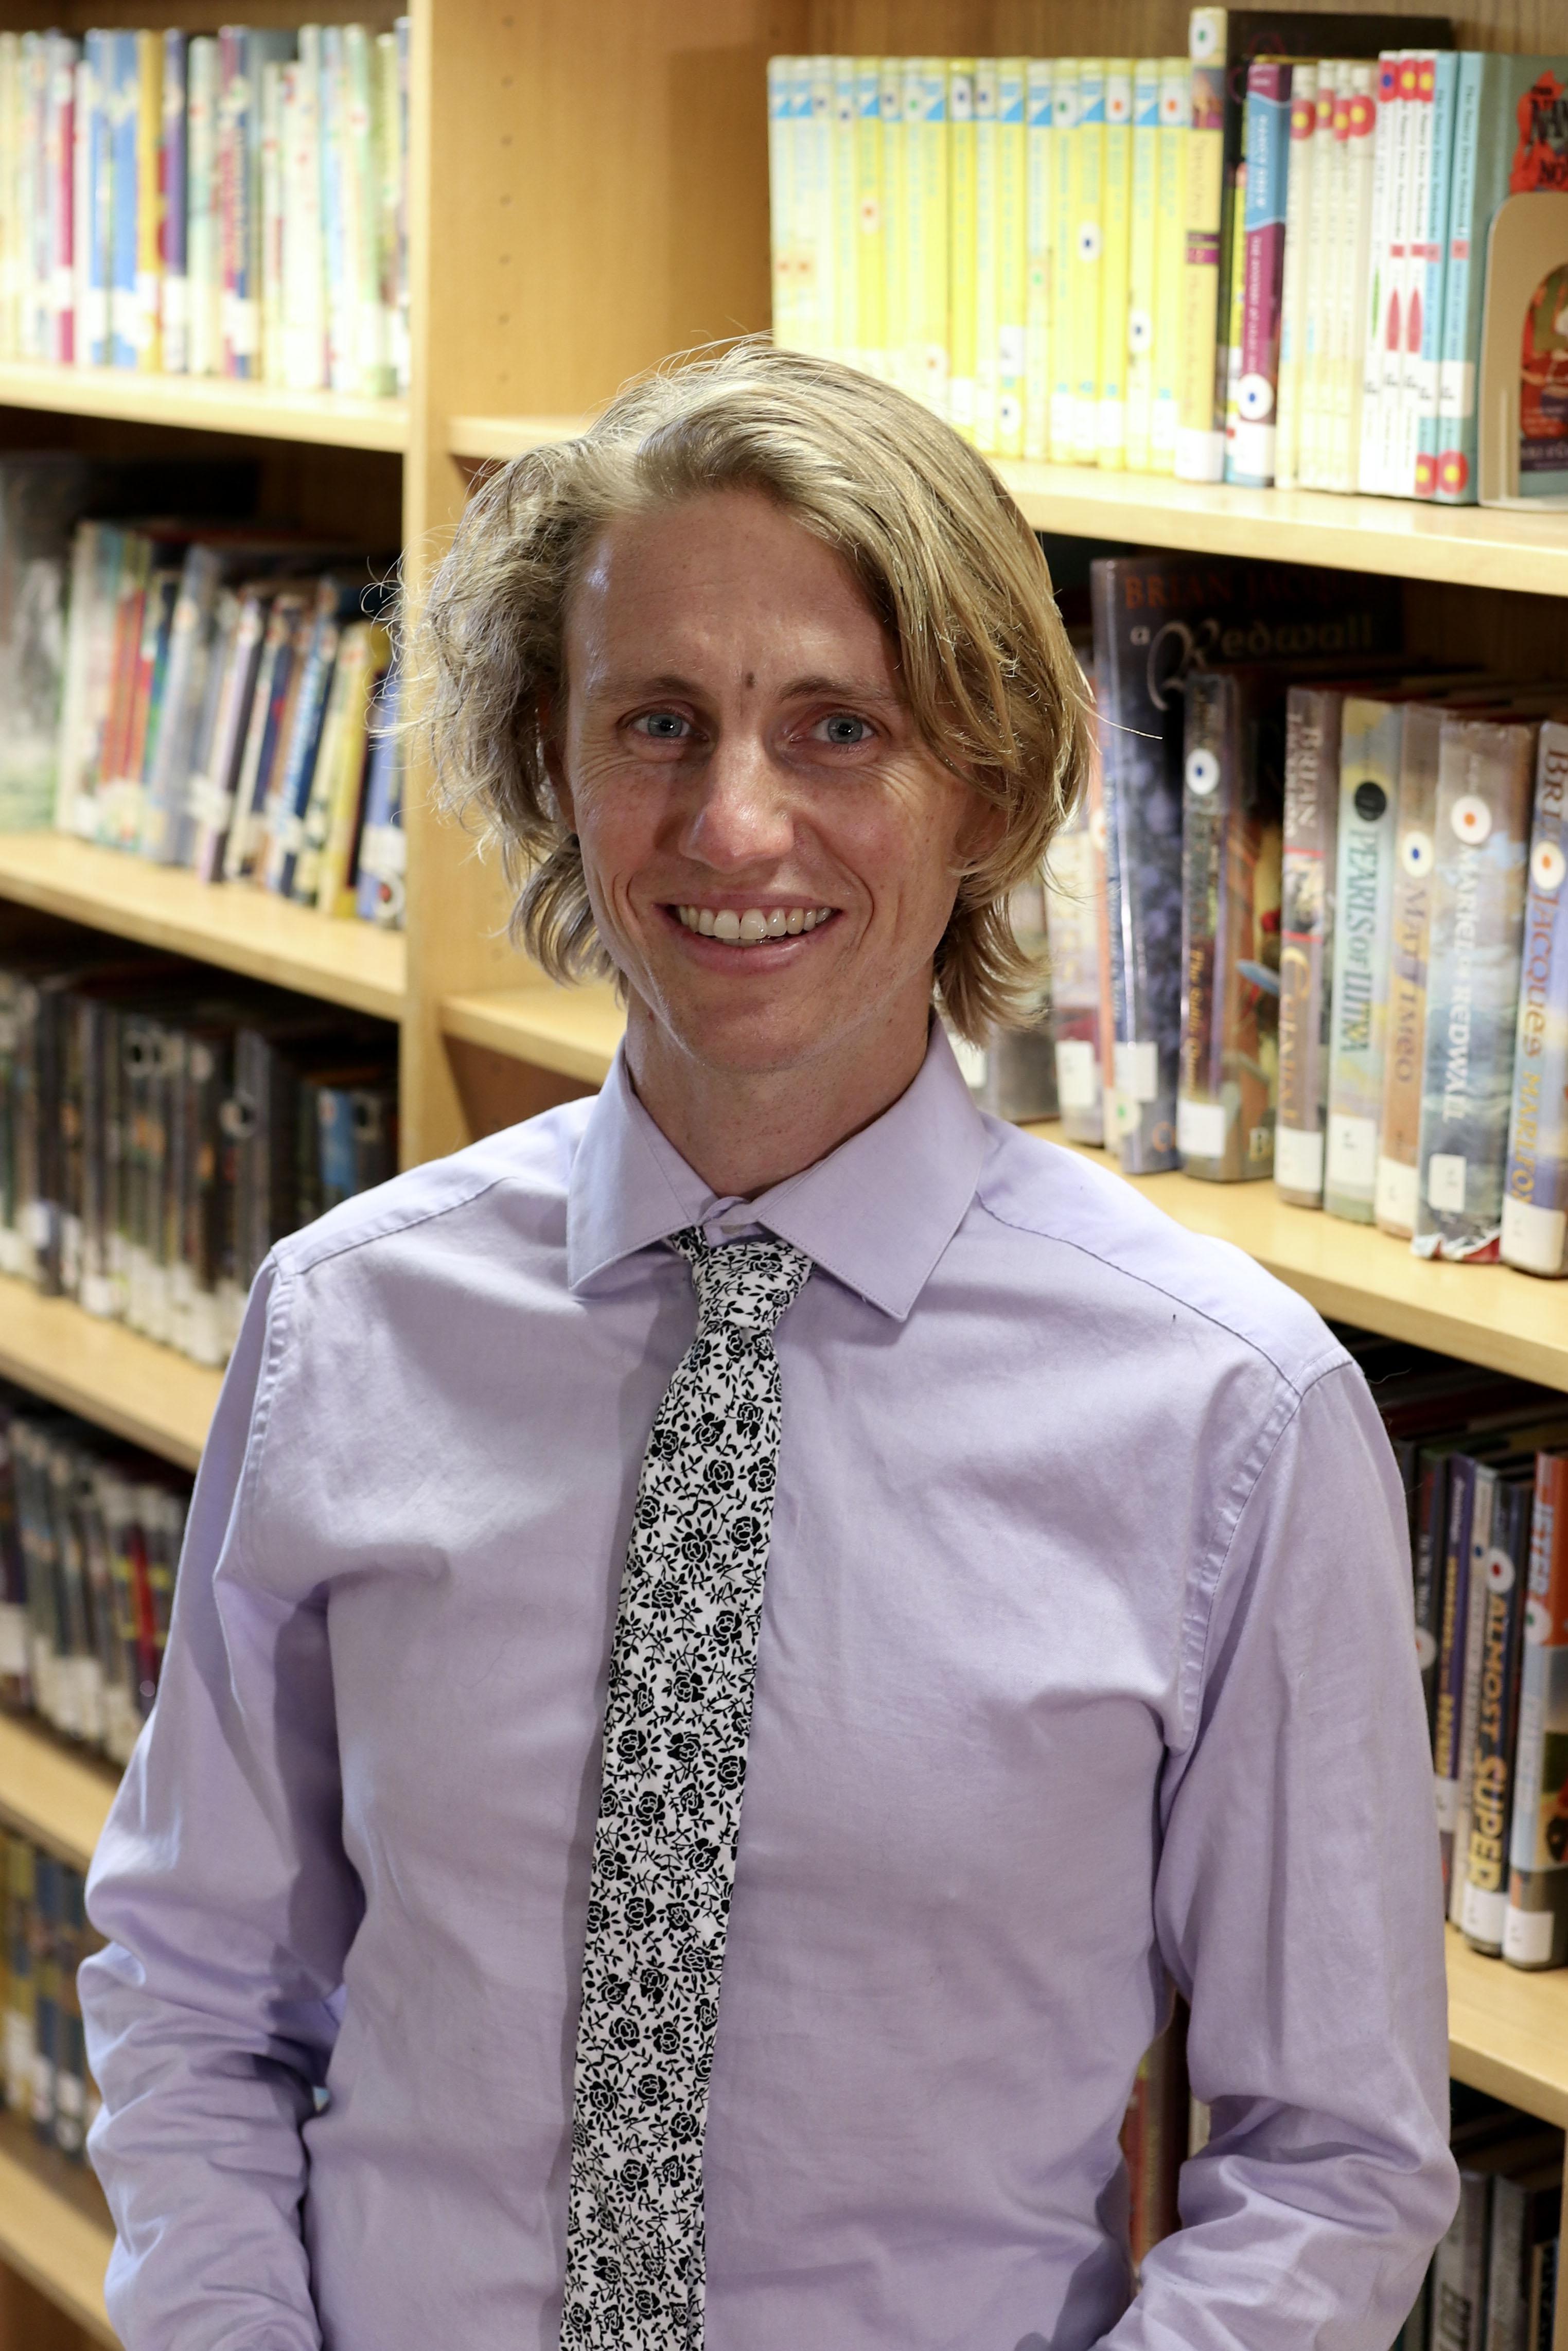 Erik Robinson